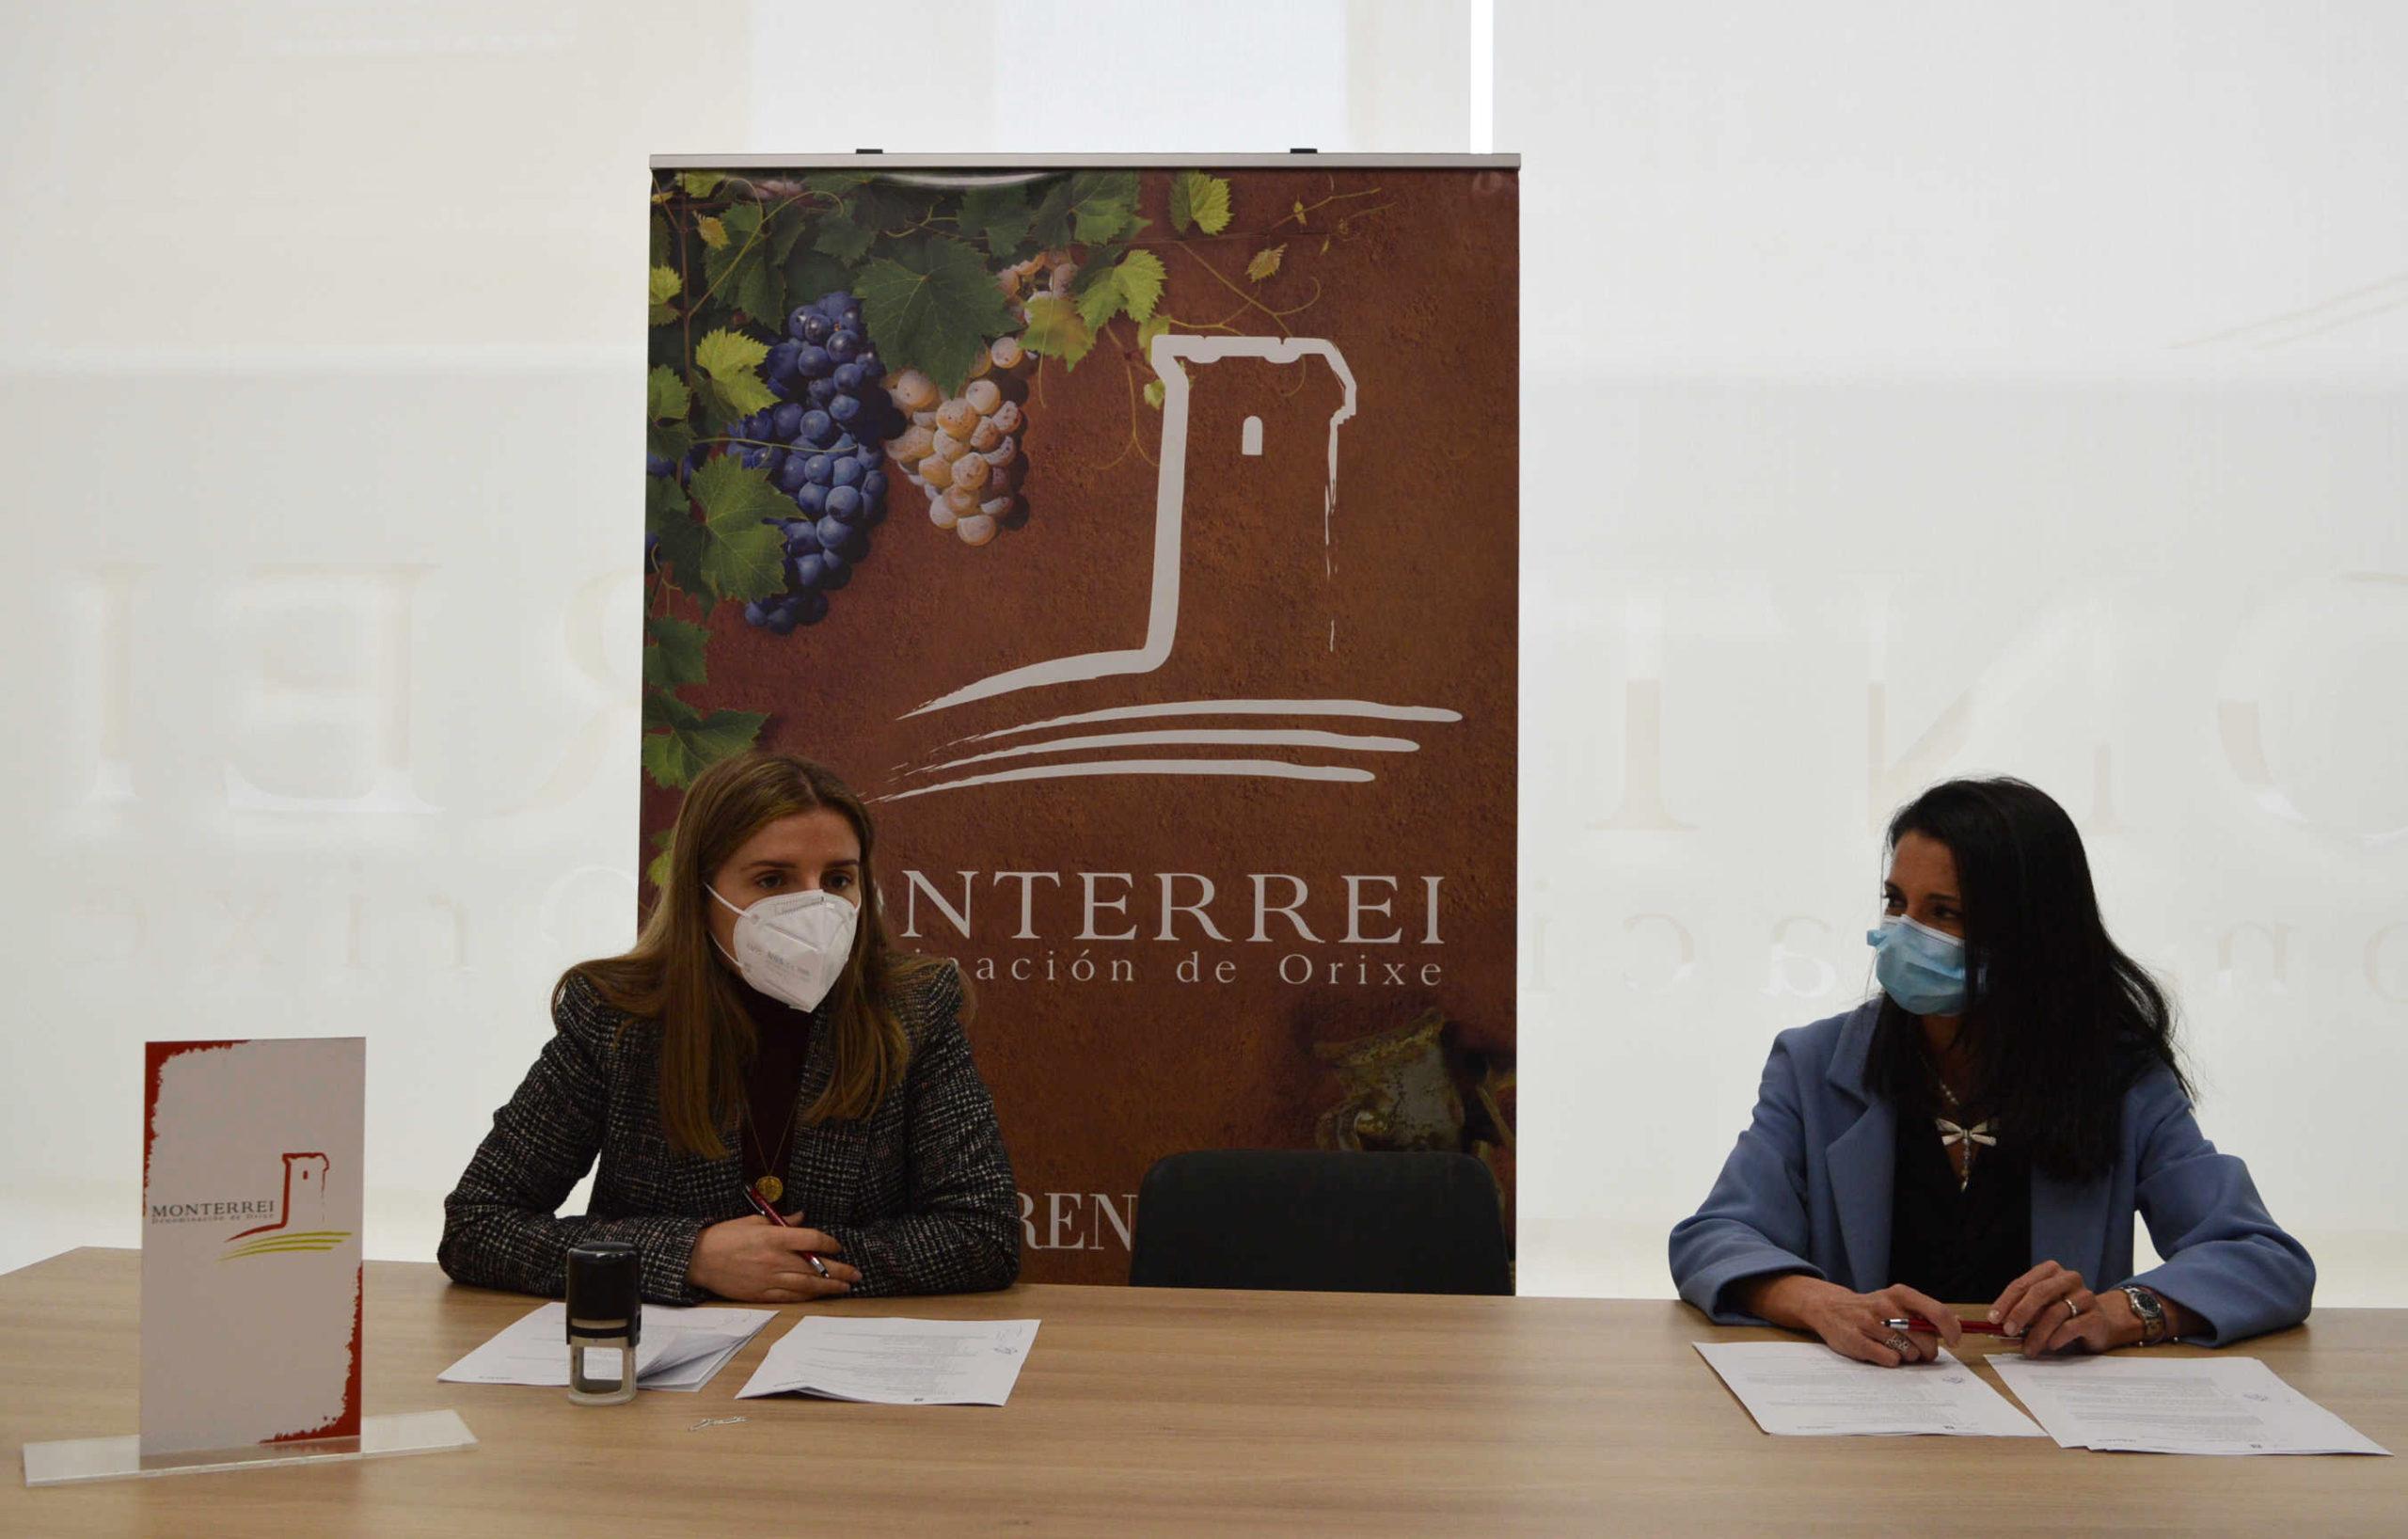 La DO Monterrei y ABANCA renuevan su colaboración